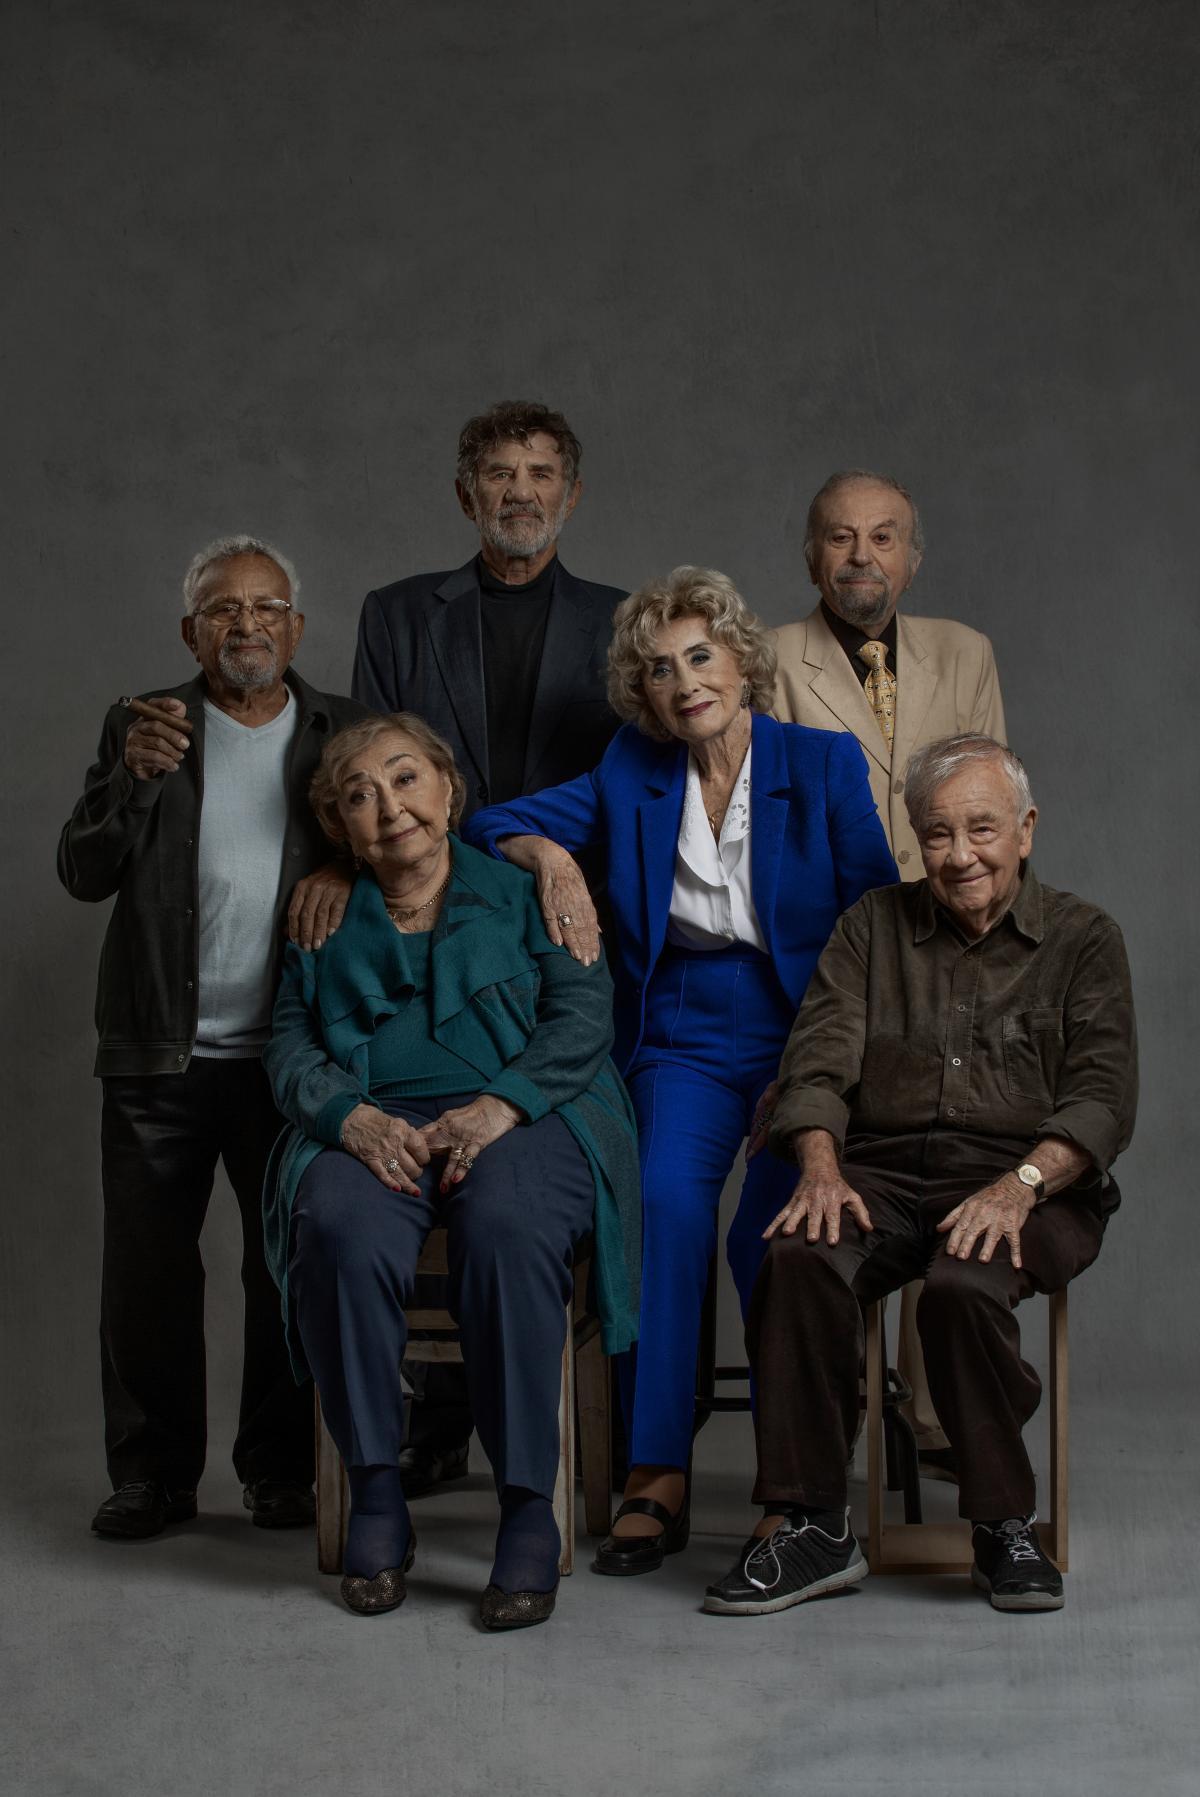 """תמונה של מרים זוהר עם יוסי סגל, אלברט כהן, אברהם סלקטר, ליא קניג, גבי עמרני מתוך """"להישאר במשחק"""""""